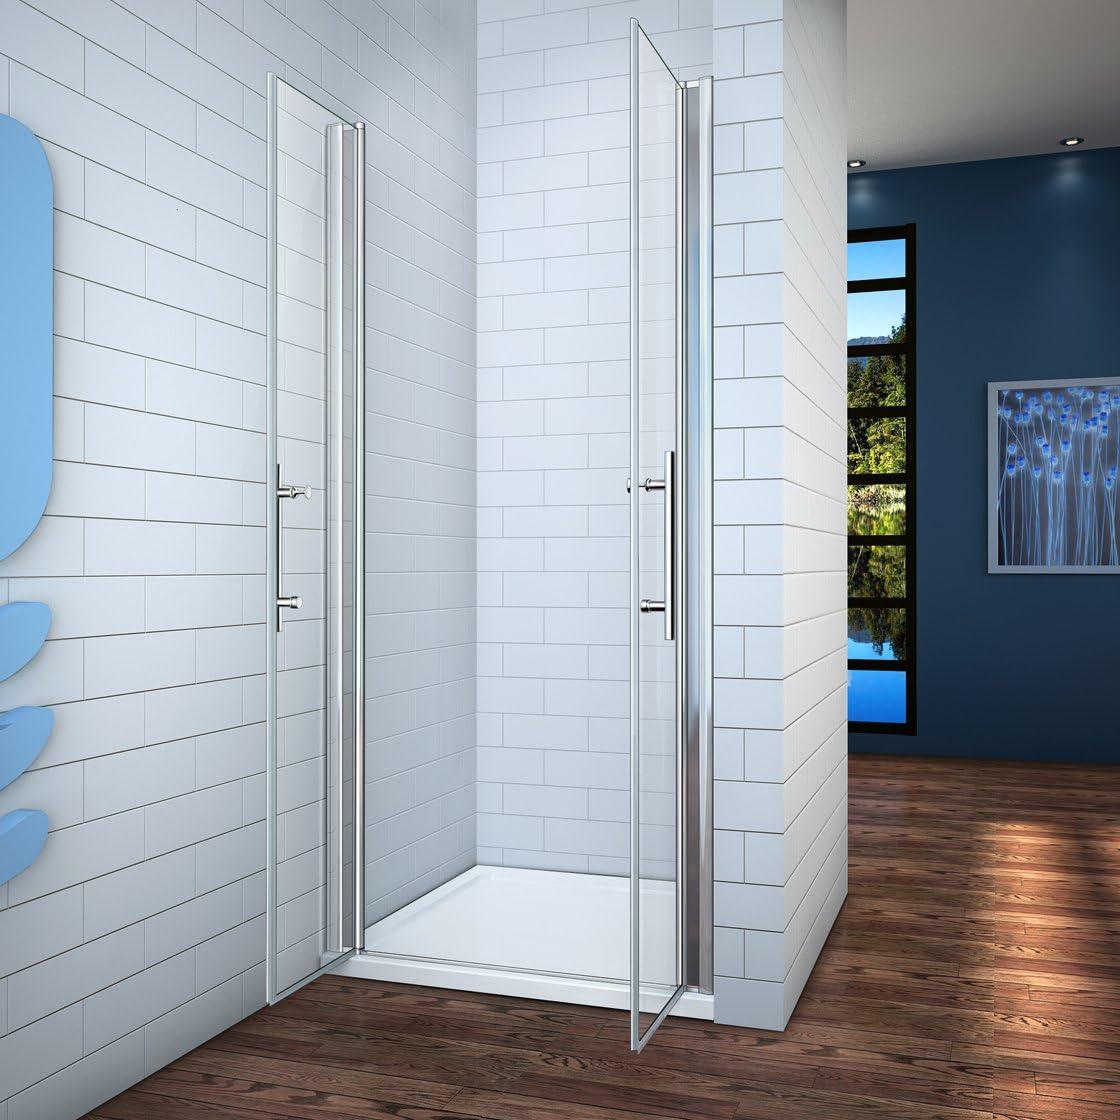 140x195cm Mamparas ducha pantalla baño 6mm Easyclean cristal templado: Amazon.es: Bricolaje y herramientas